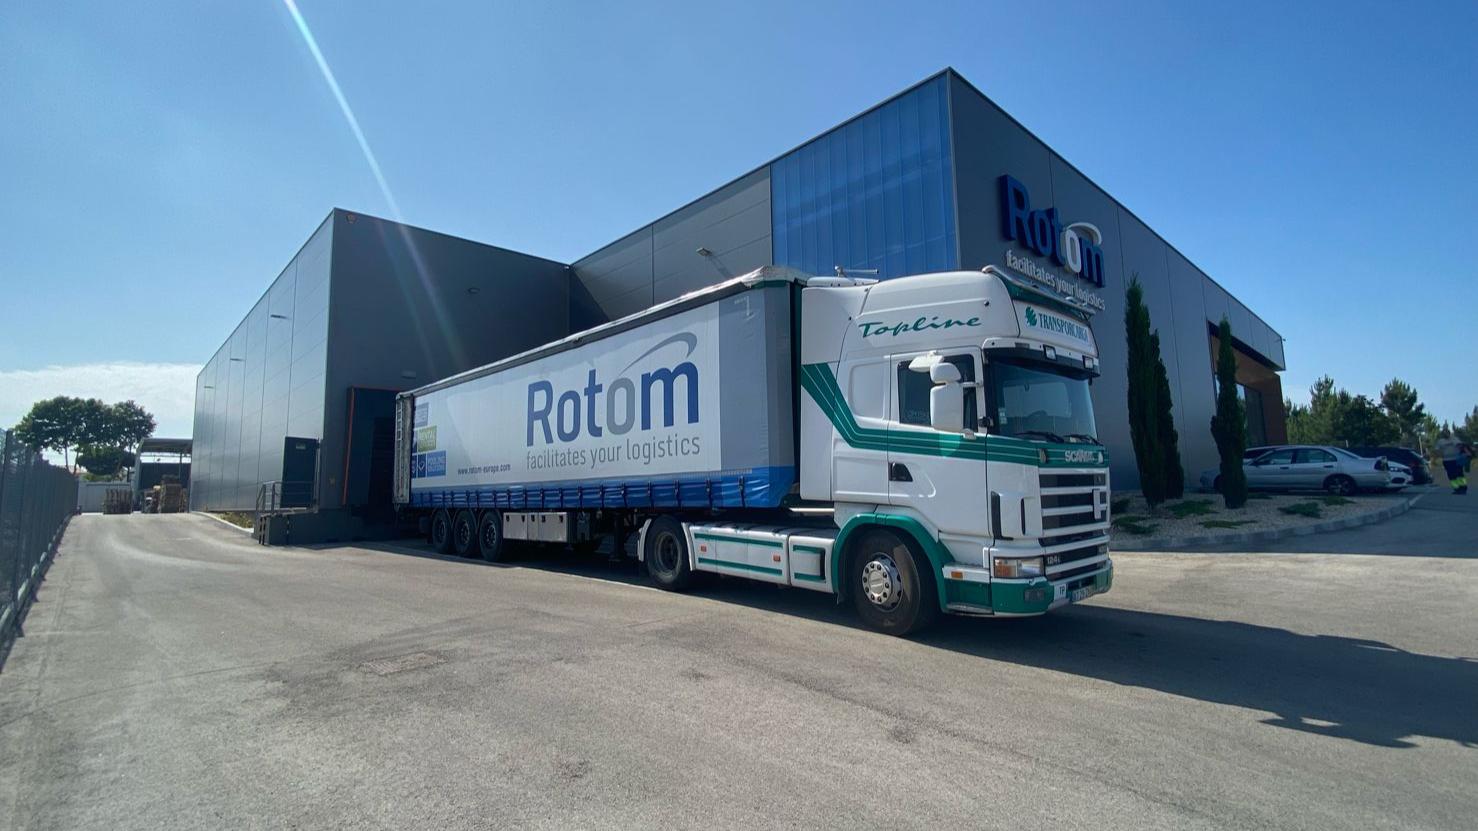 Acordo de fusão da Rotom com a Waterland